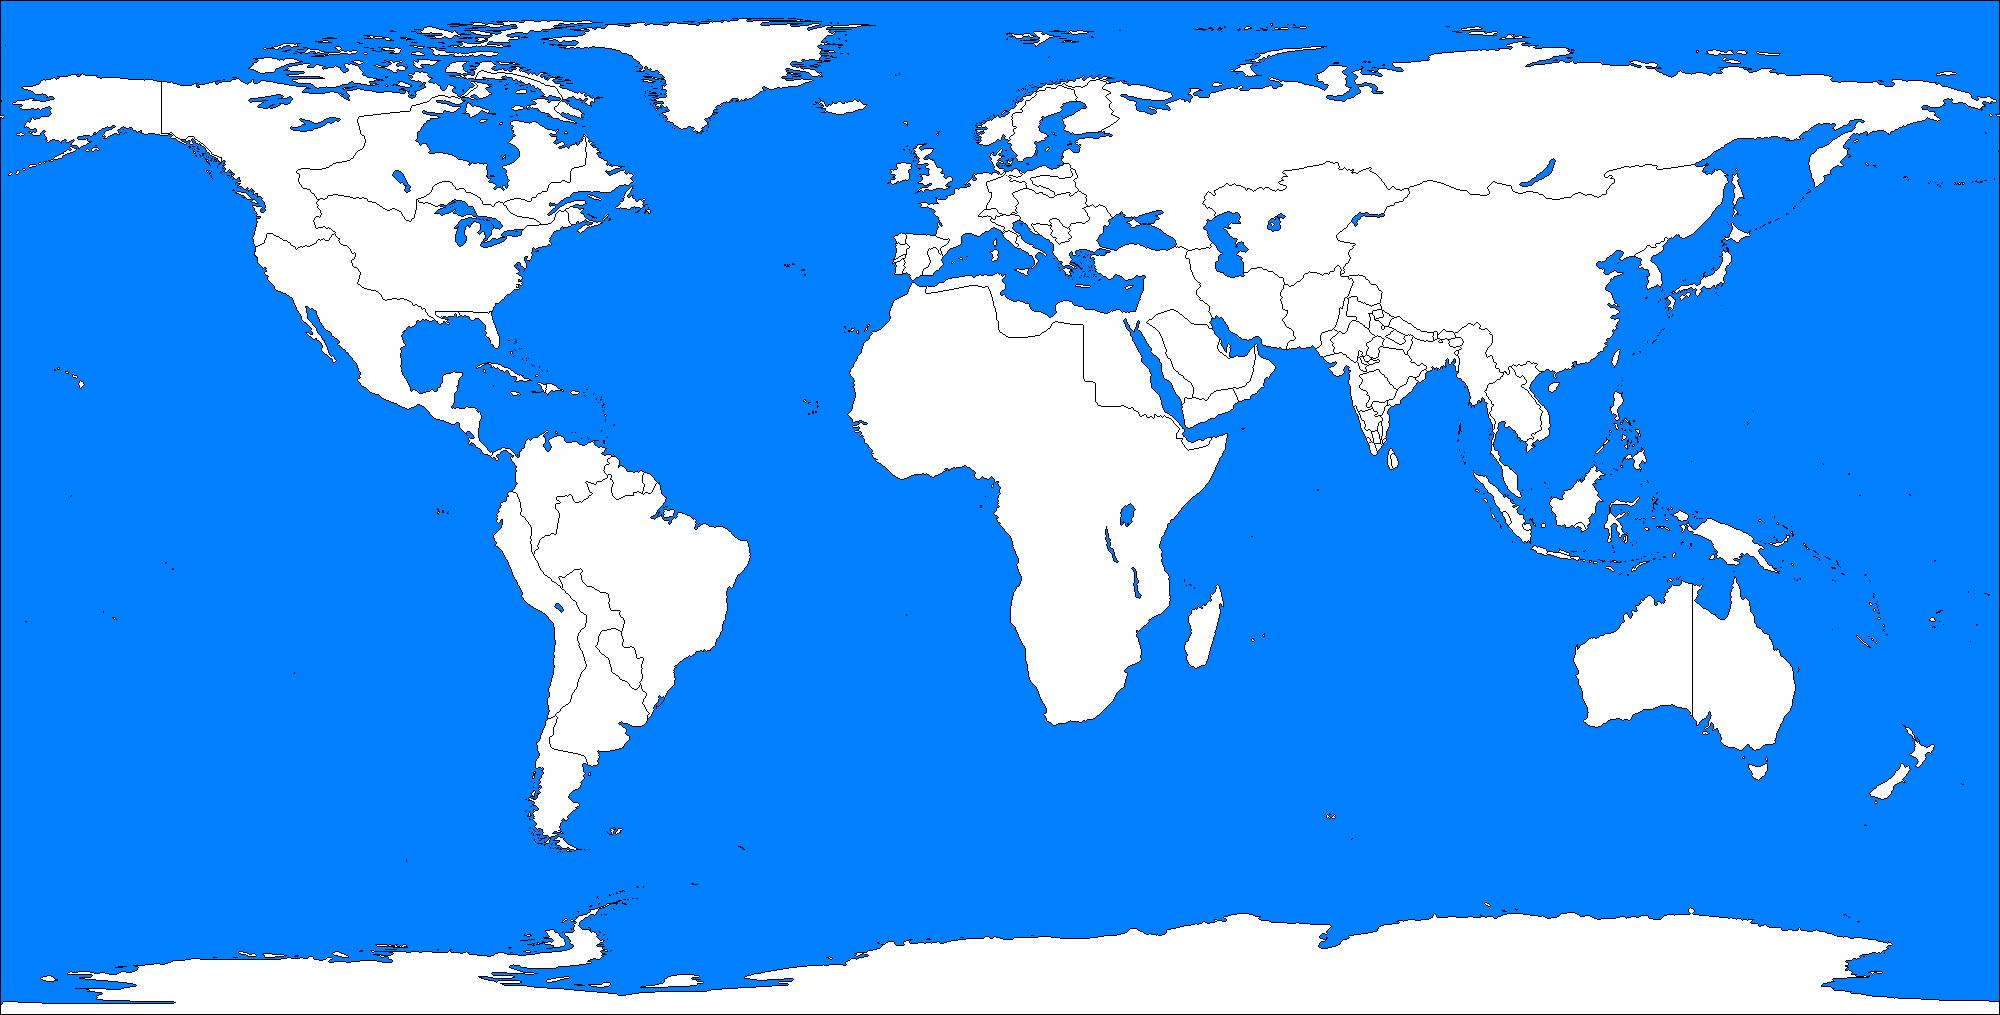 Temeraire World Map by AMCAlmaron on DeviantArtdivdiv